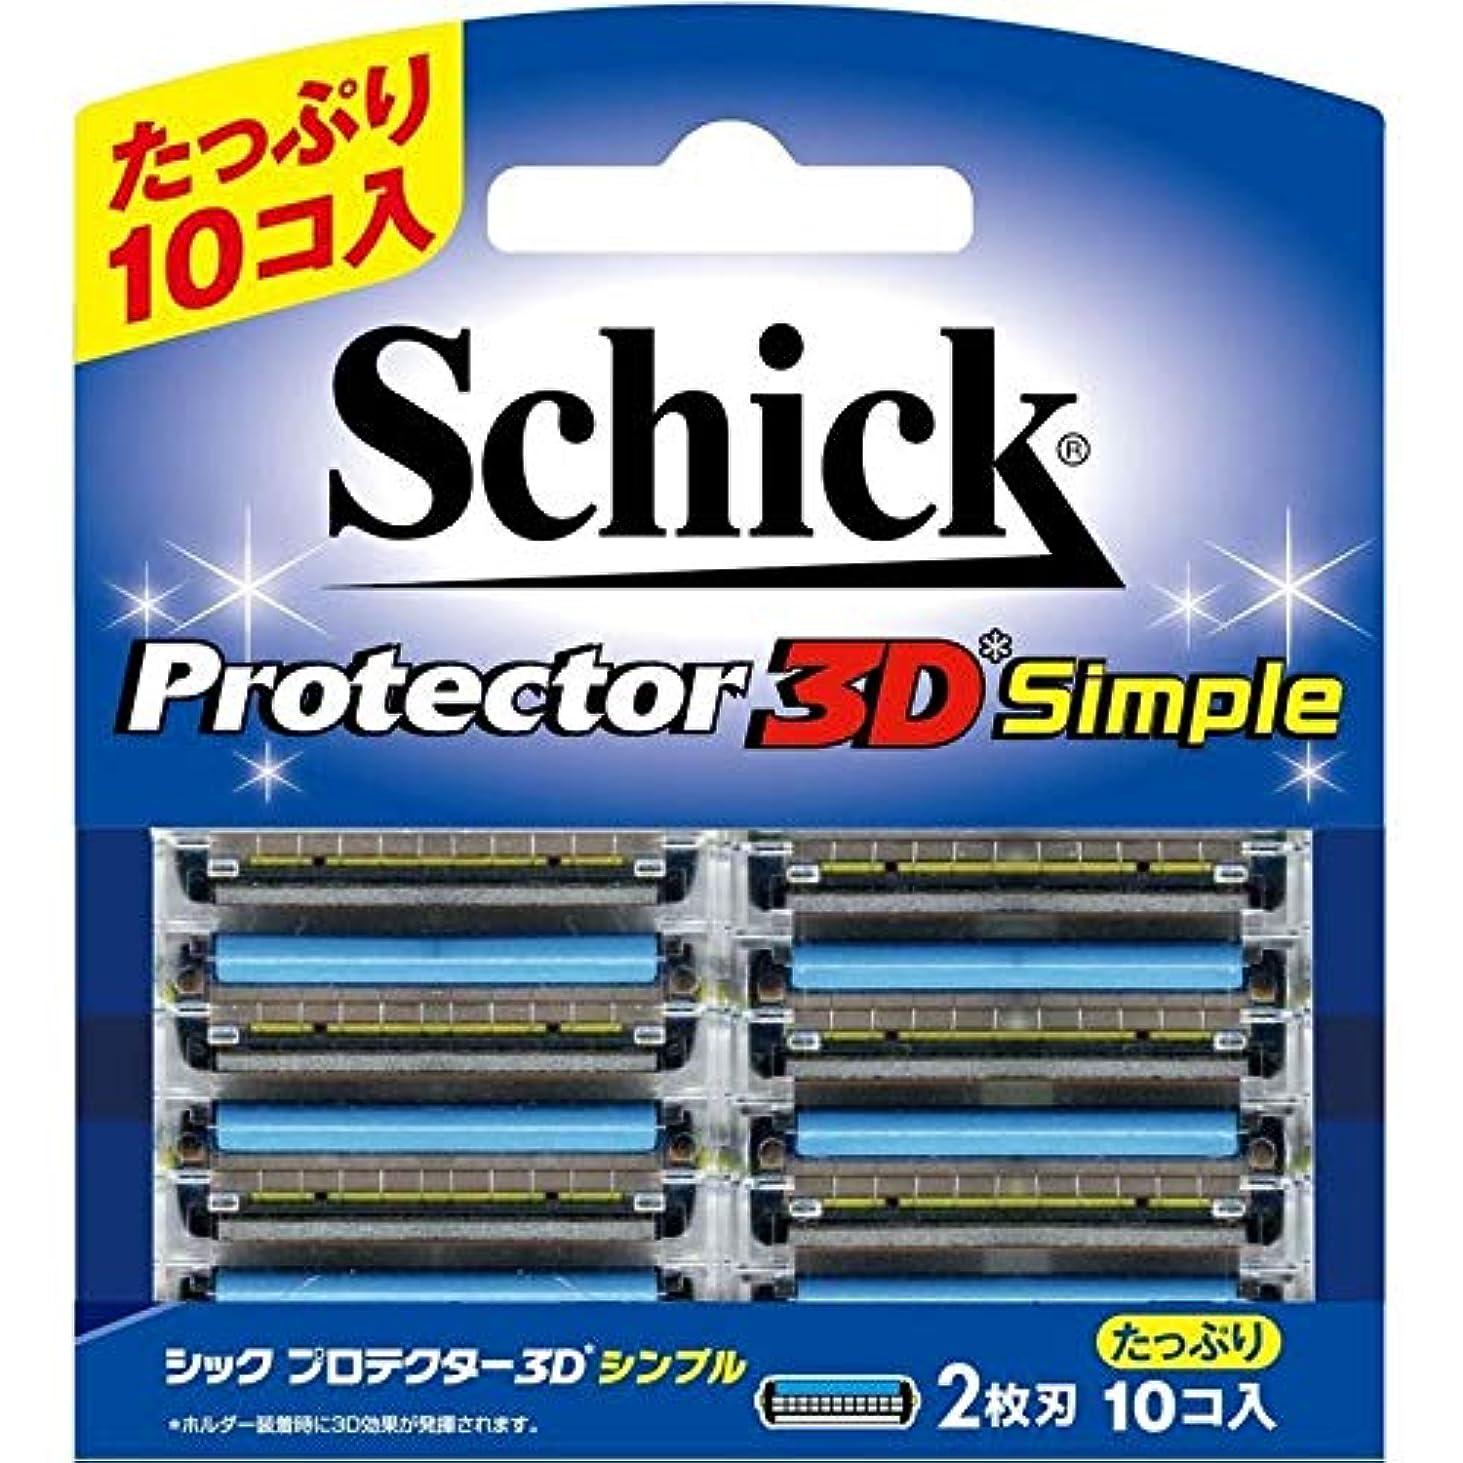 ルーム取り扱い多年生シック プロテクター3D シンプル 替刃 (10コ入) 男性用カミソリ 3個セット